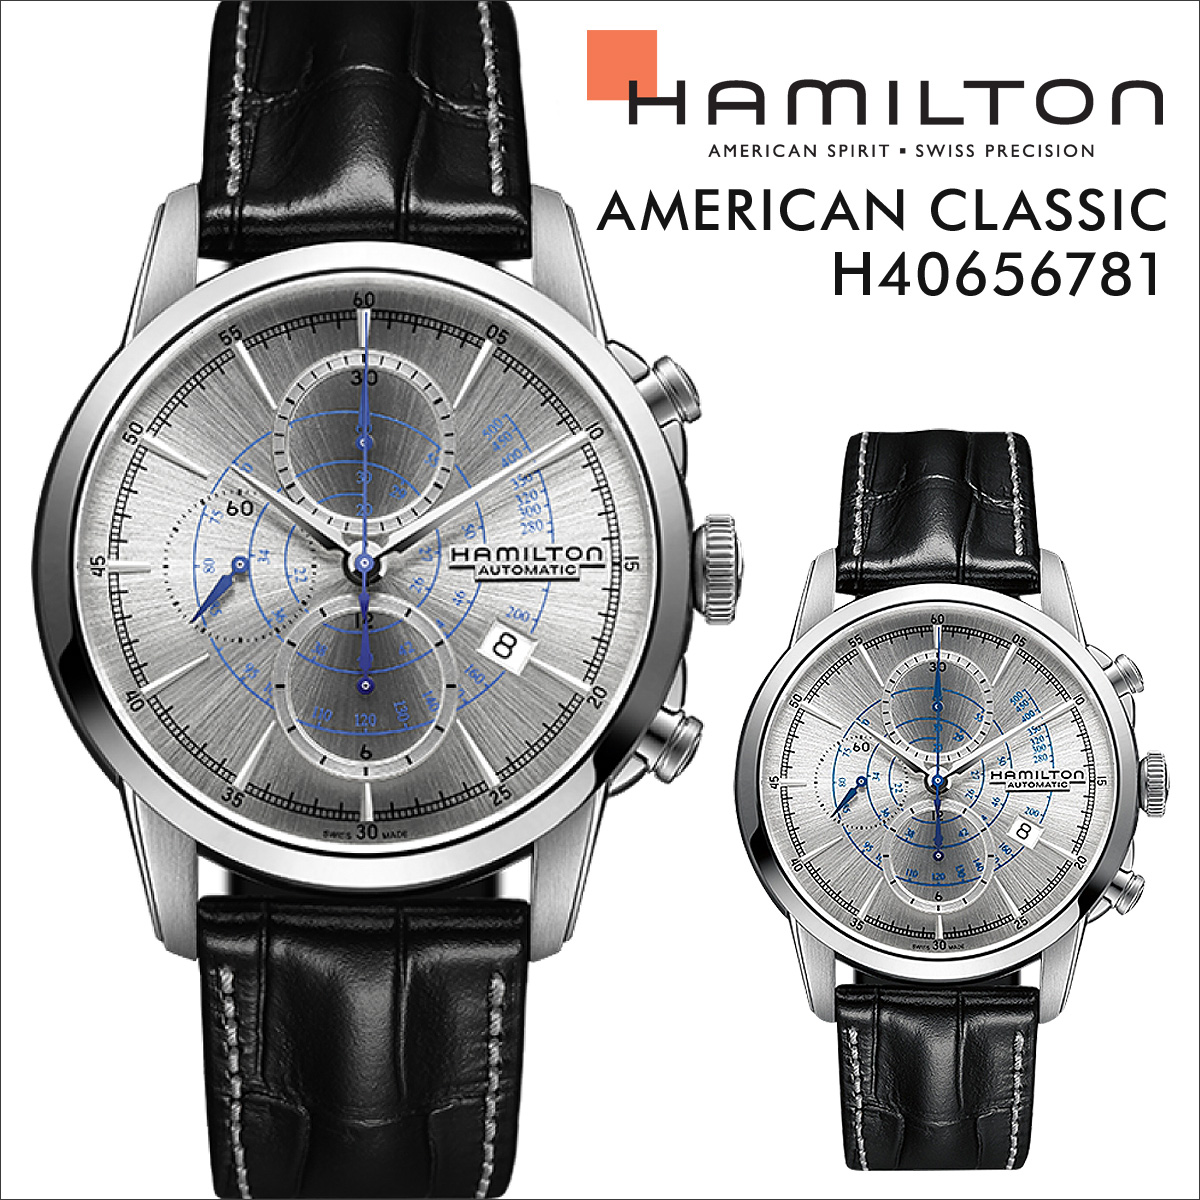 HAMILTON ハミルトン 腕時計 アメリカン クラシック メンズ 時計 44mm AMERICAN CLASSIC RAILROAD AUTO CHRONO H40656781 ブラック 防水 [ あす楽対象外 ]